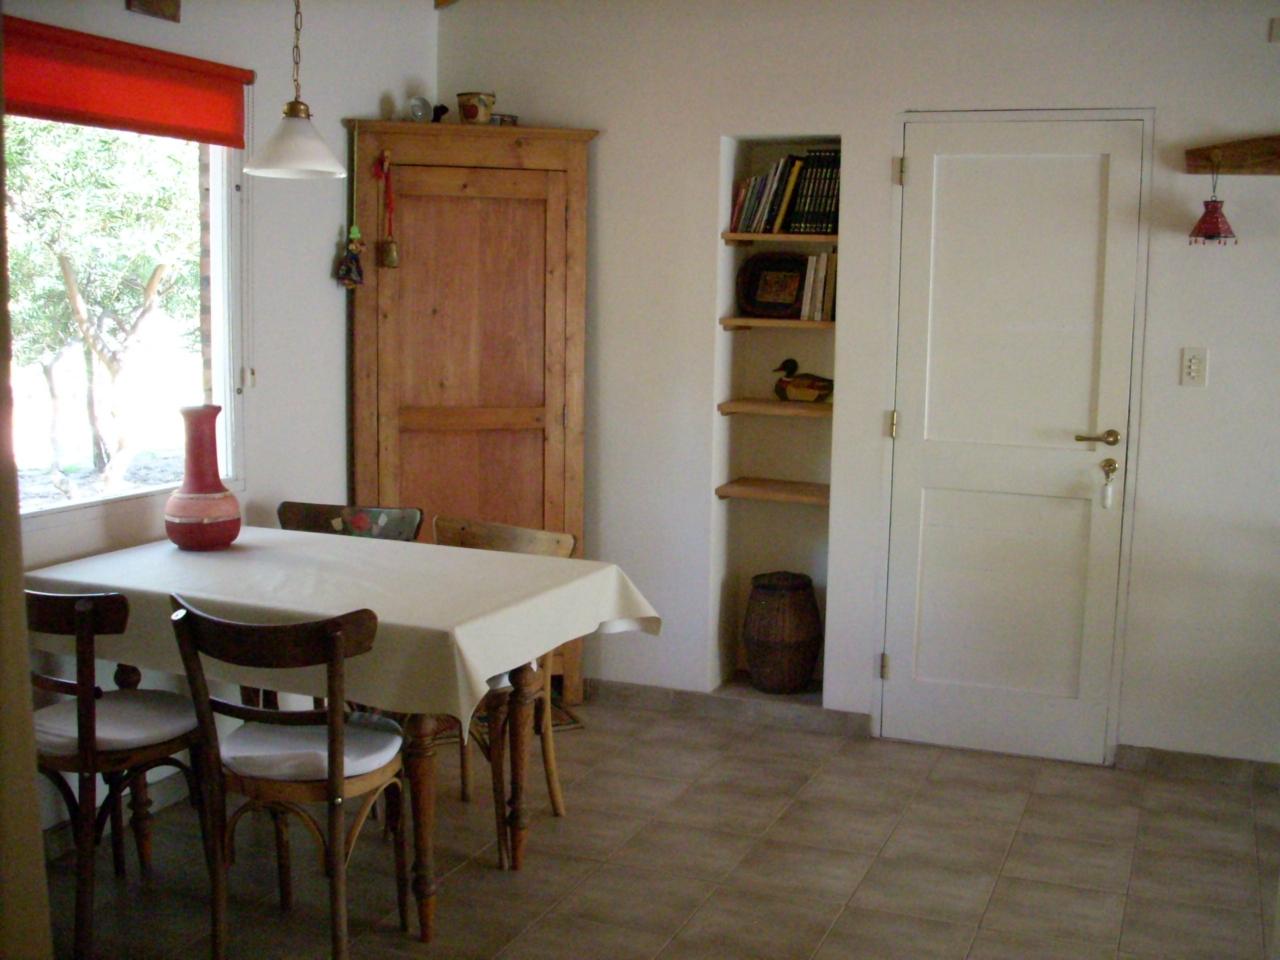 Casa tipo funcional en b las dunas casa en alquiler en monte hermoso referencia moa059 - Casa las dunas ...